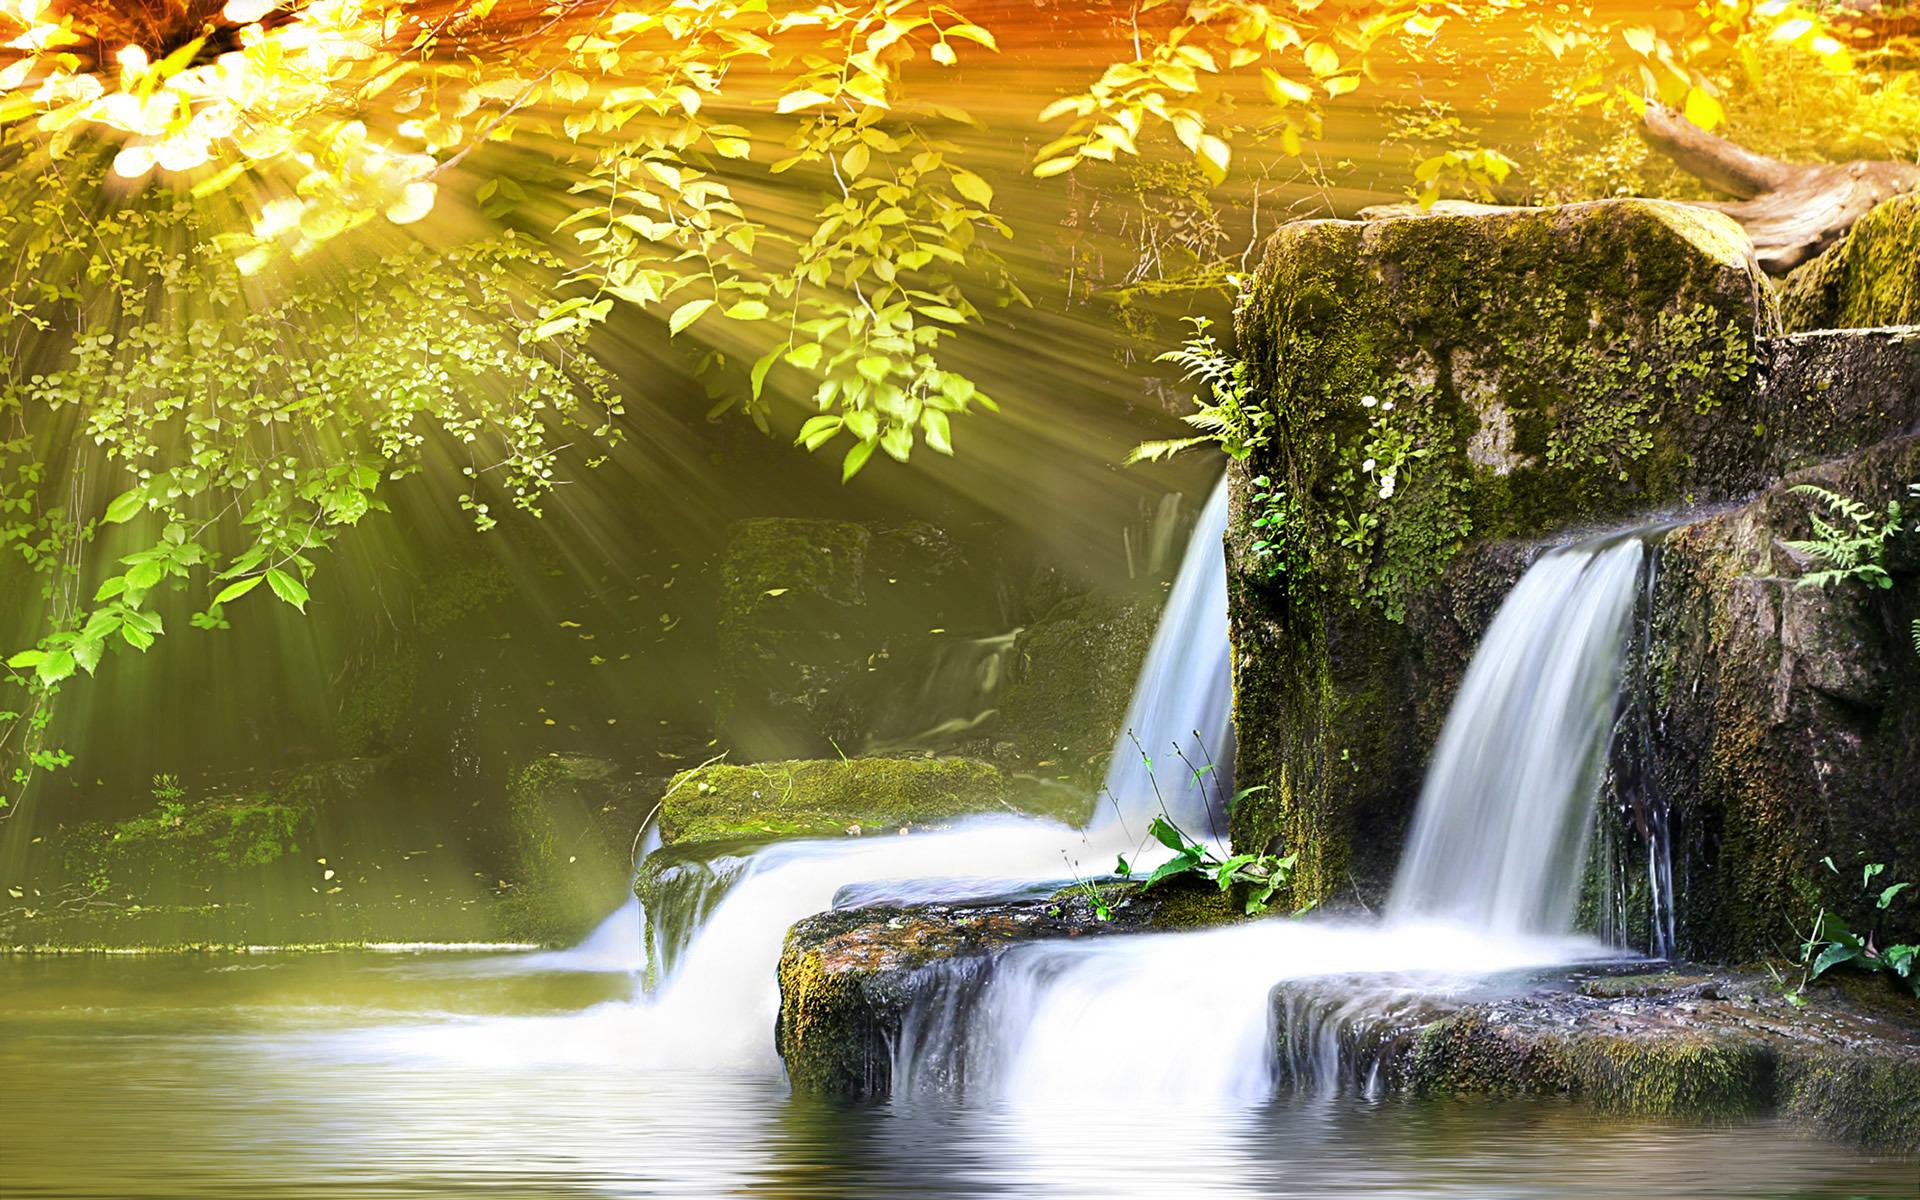 landscape nature